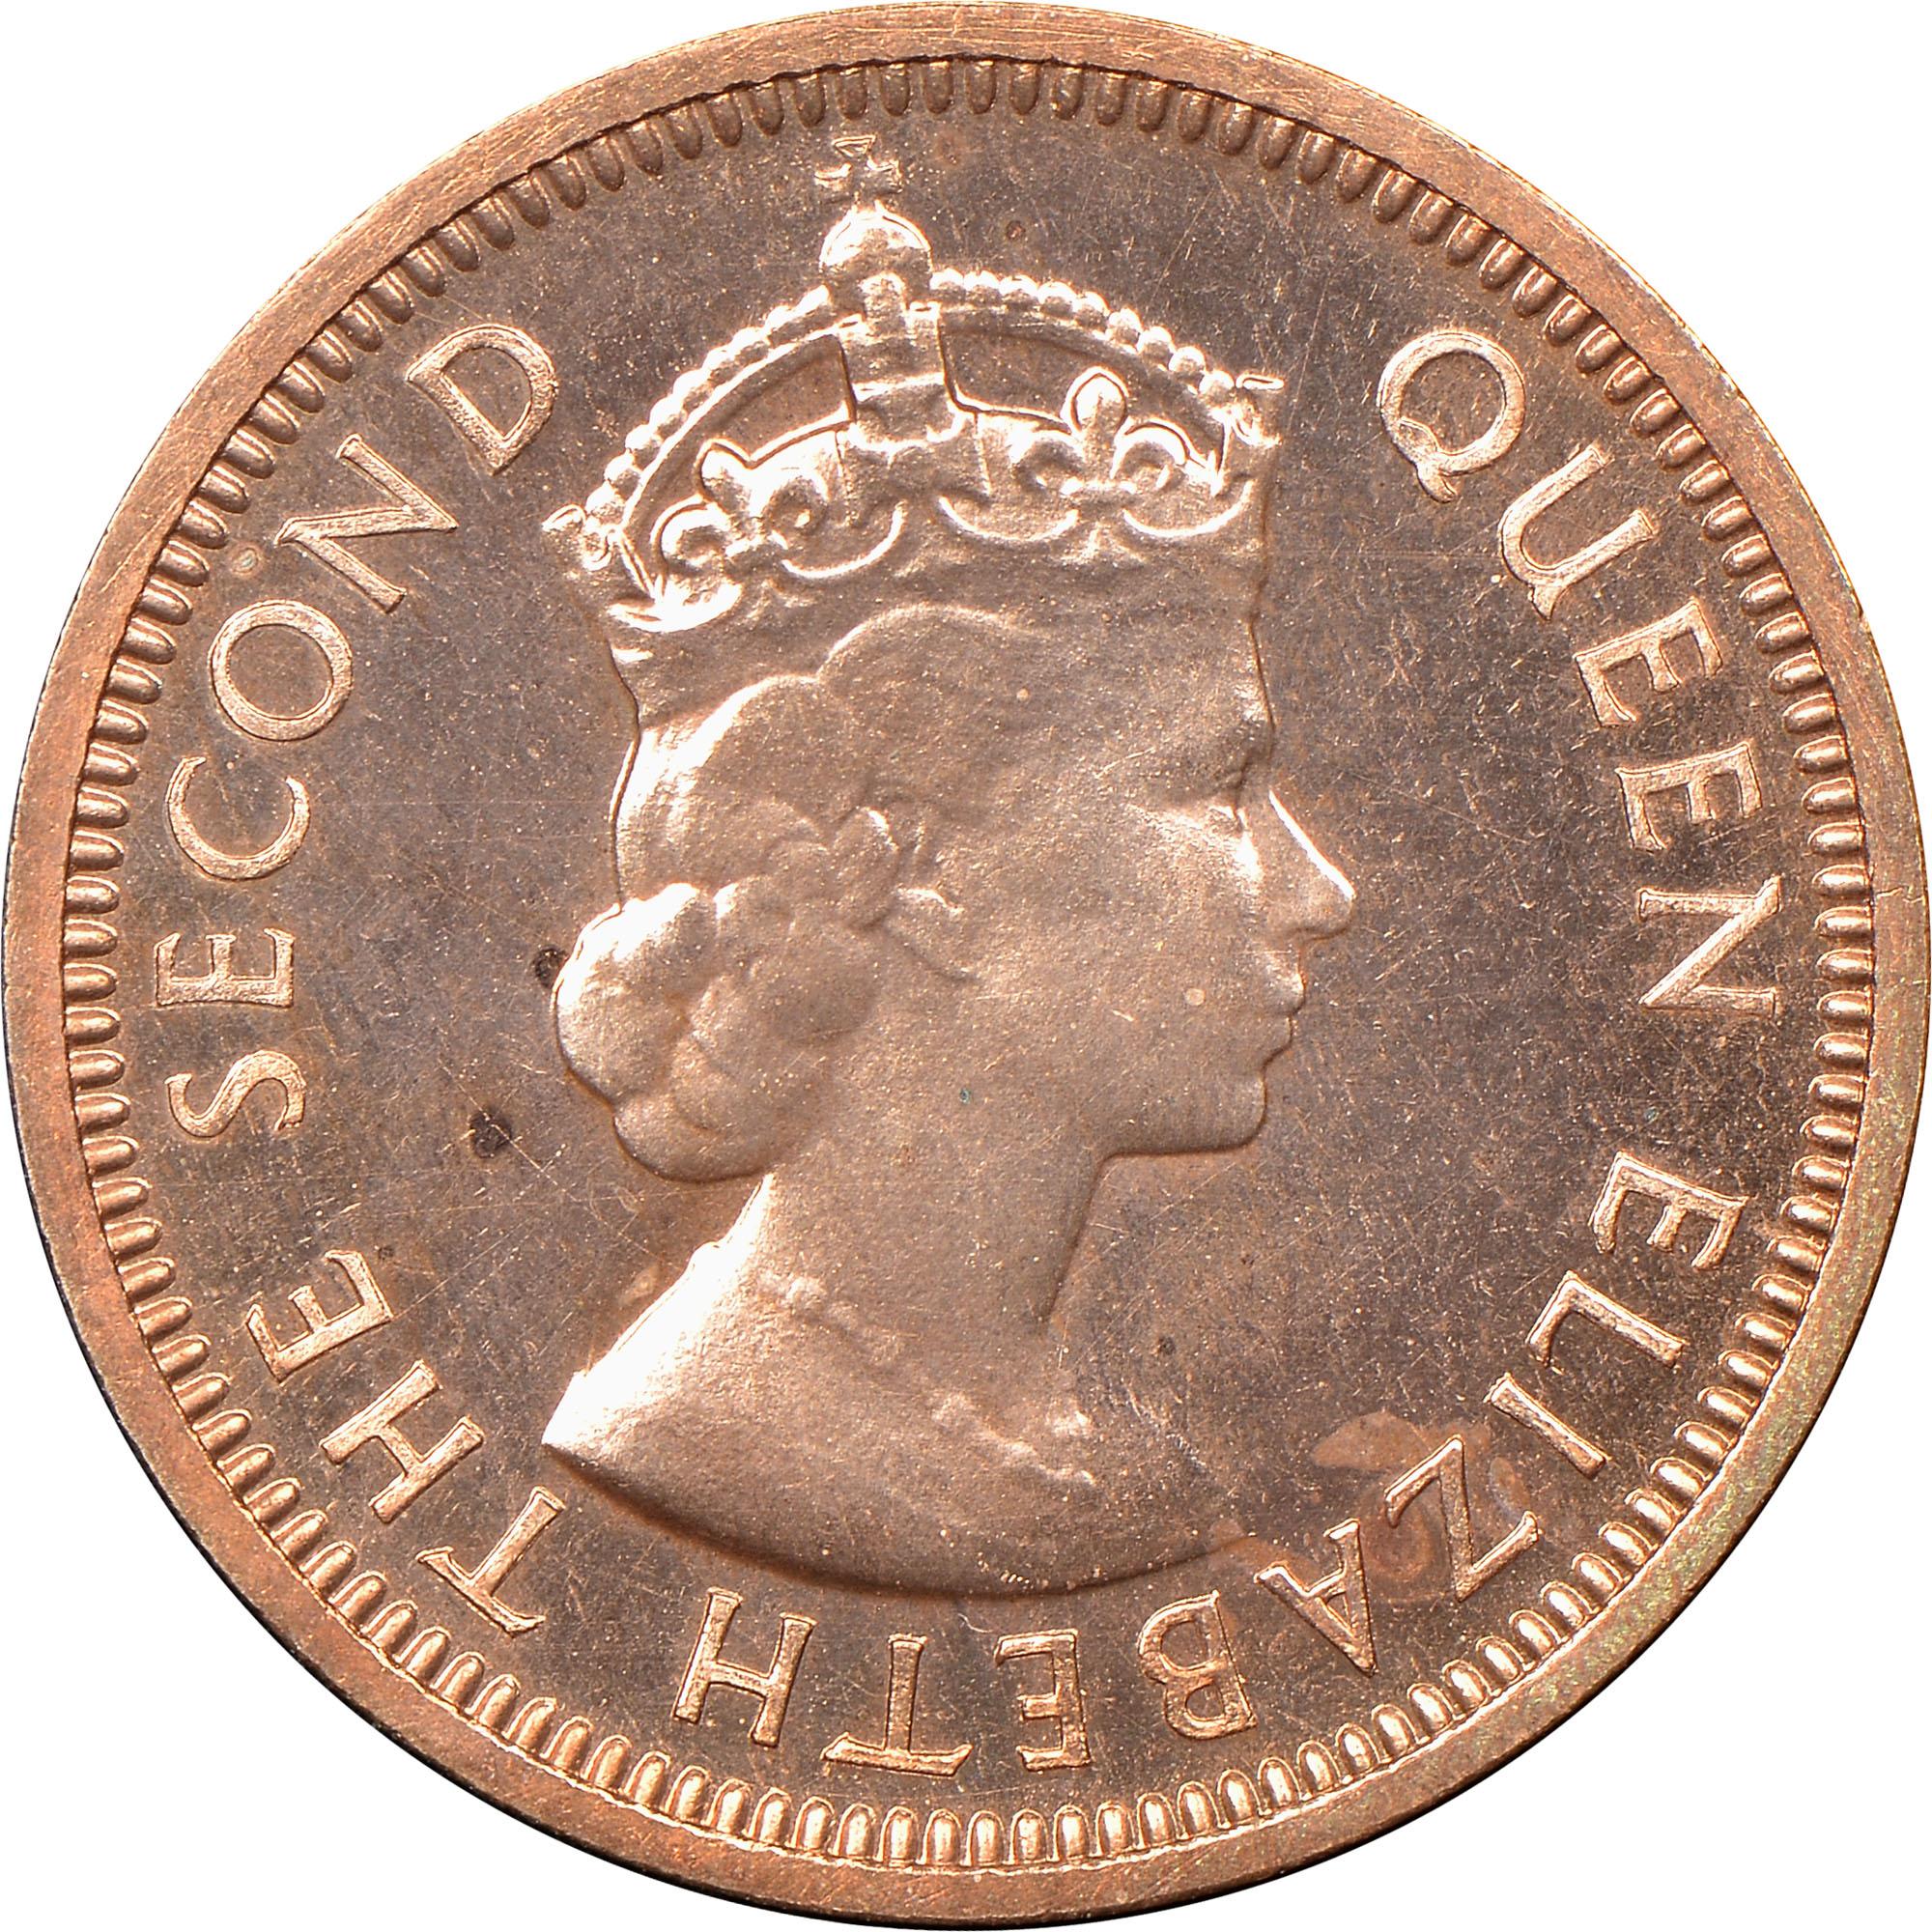 1954 British Honduras Cent obverse